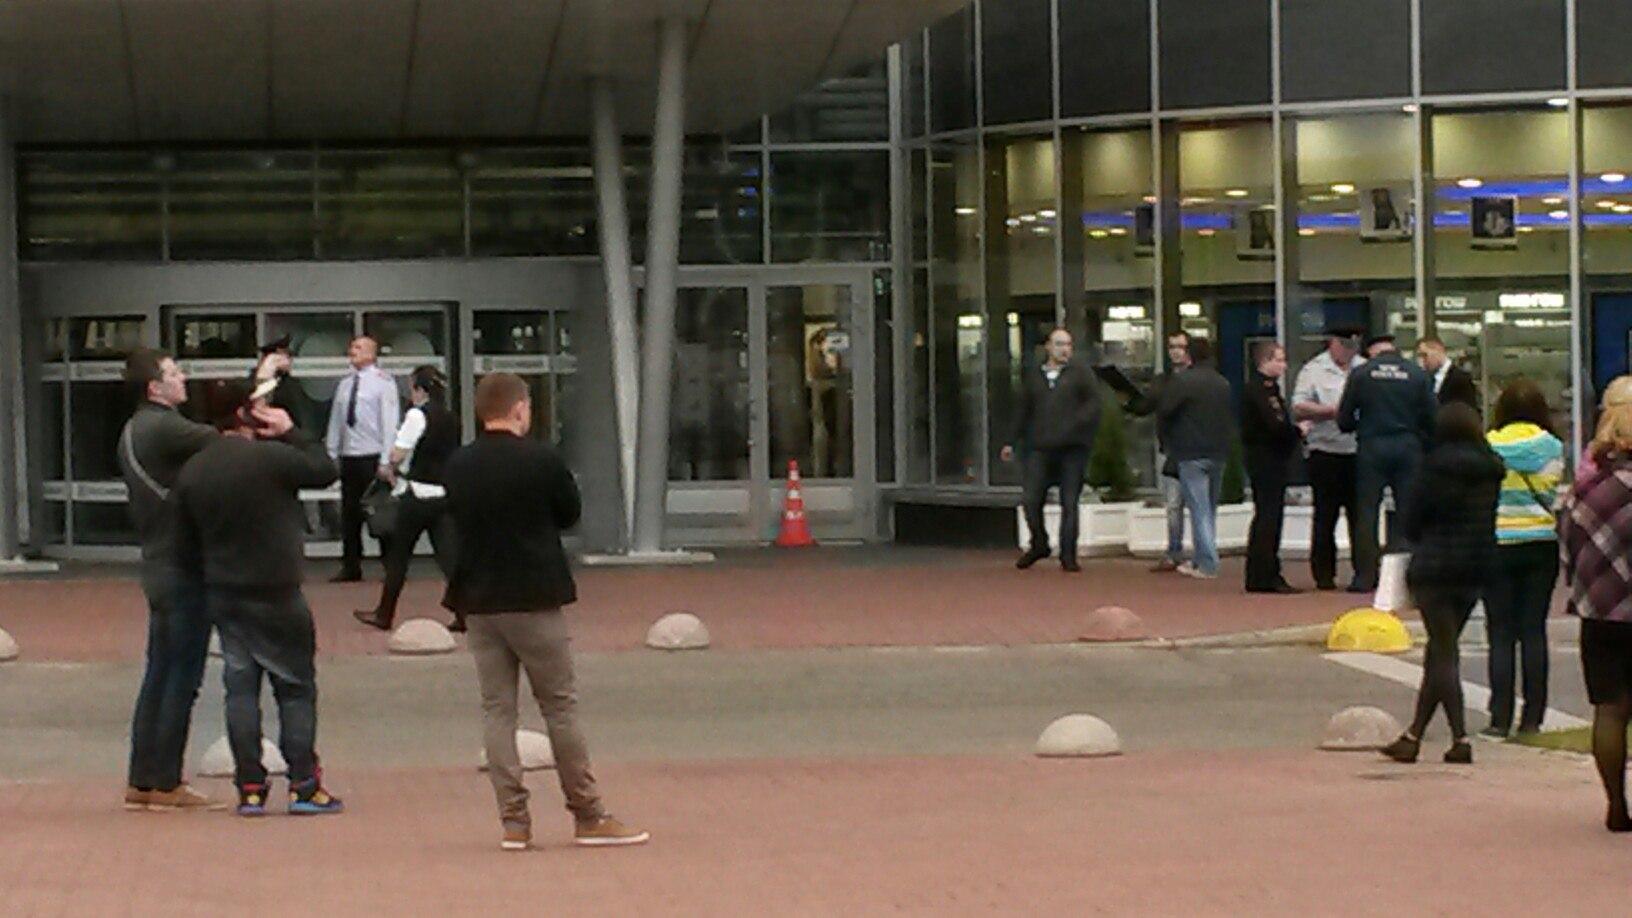 ВПетербурге эвакуируютТК «Жемчужная плаза» из-за опасности взрыва